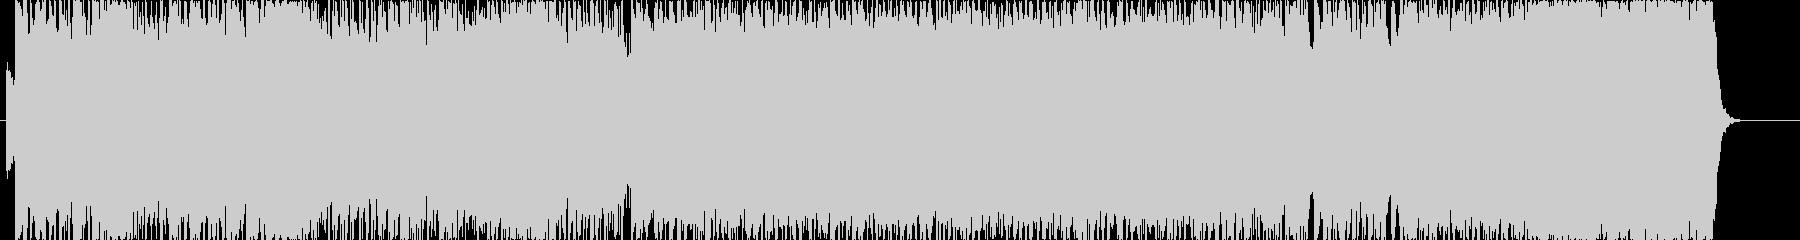 和がモチーフのハードロック戦闘BGMの未再生の波形